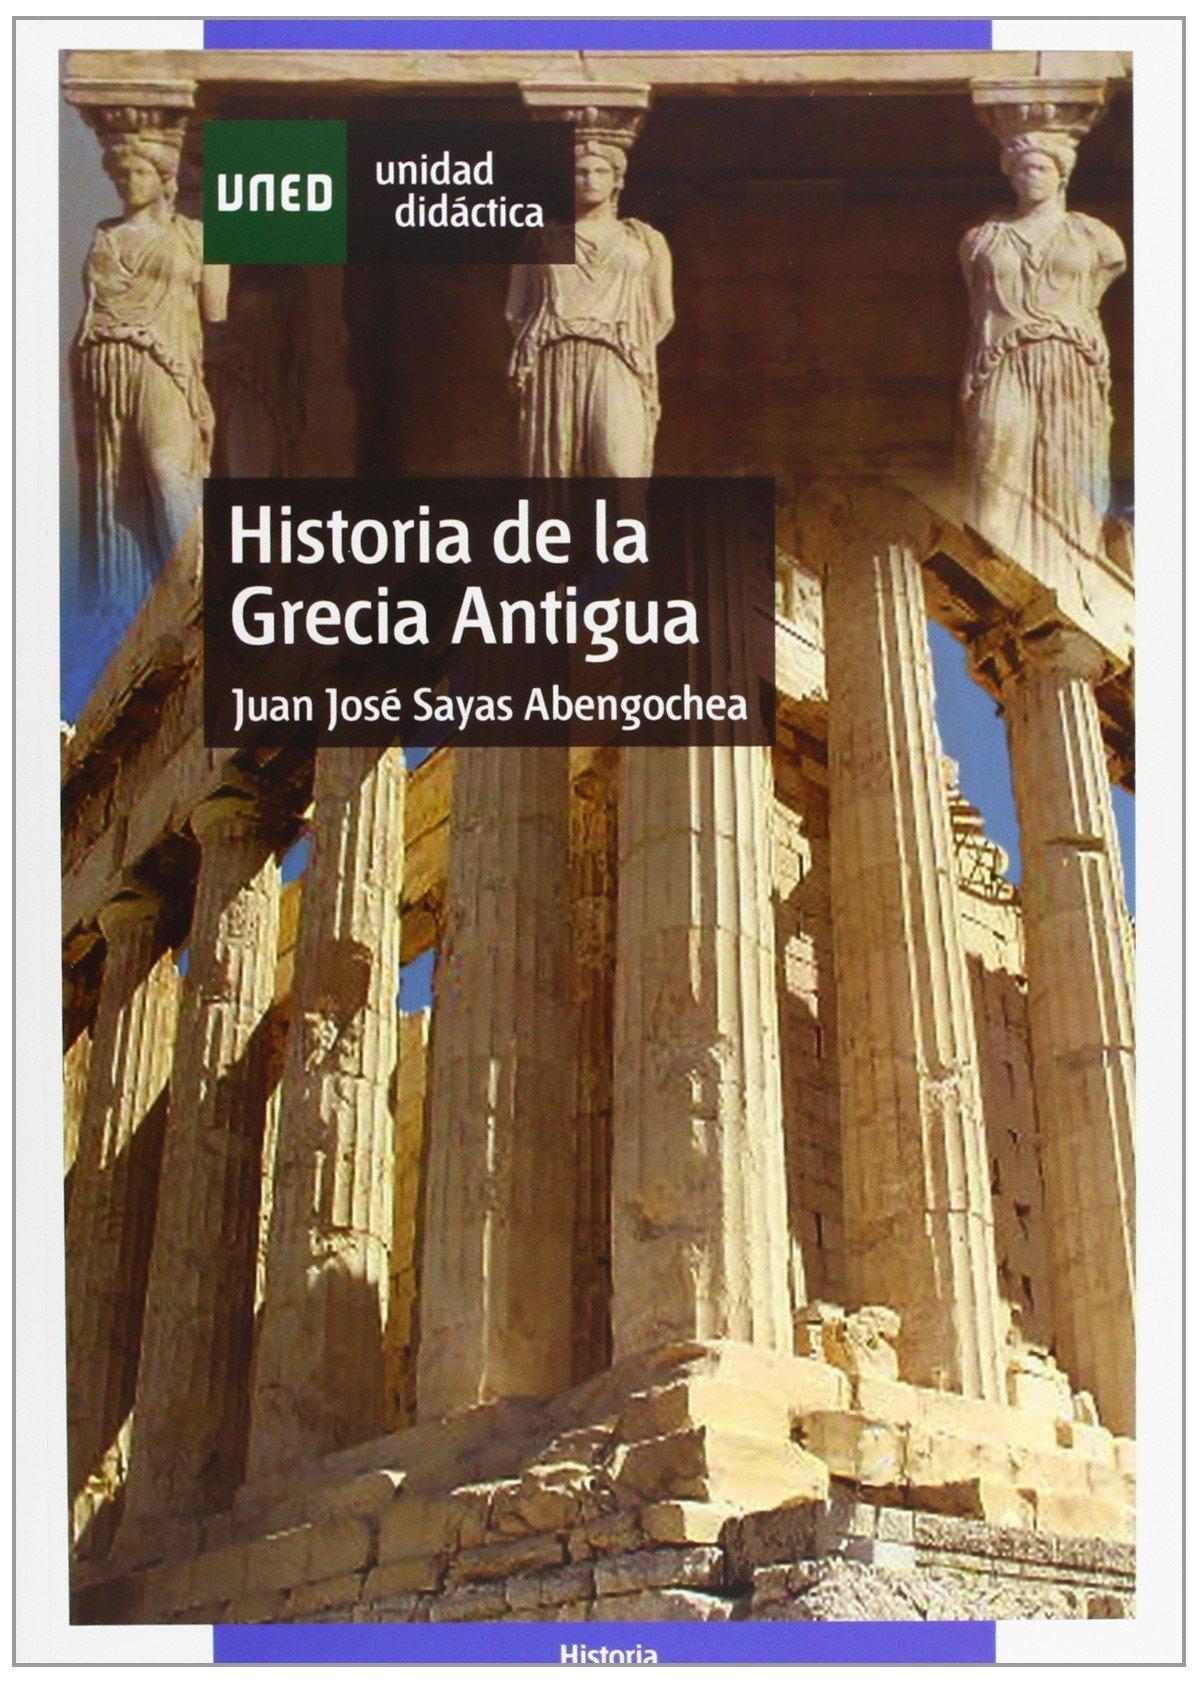 Historia de La Grecia Antigua (UNIDAD DIDÁCTICA) Tapa blanda – 14 nov 2007 Juan José SAYAS ABENGOCHEA UNED 8436255054 CDL_2-3_0014862